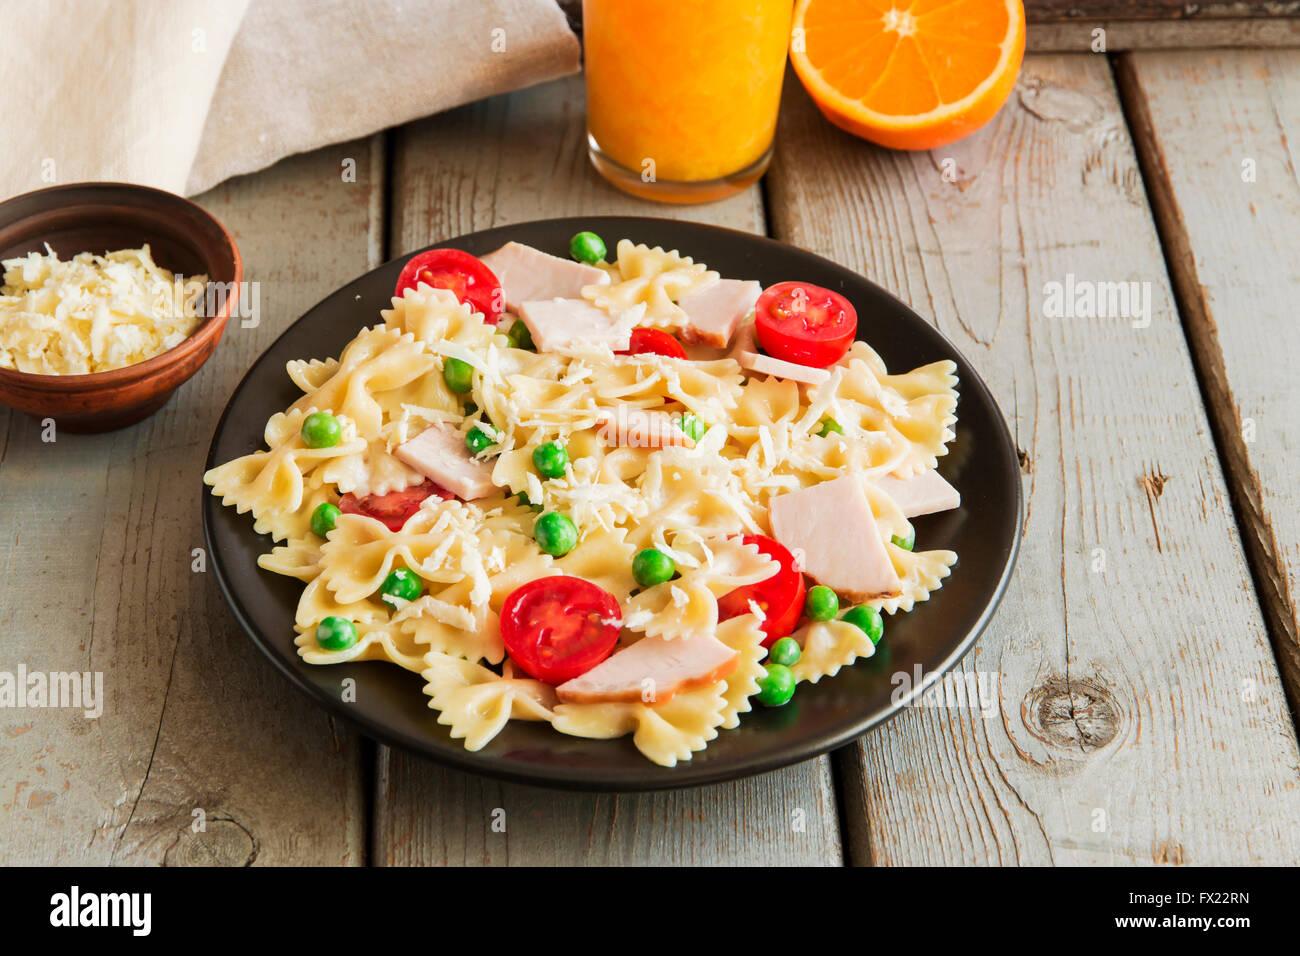 Pasta con prosciutto e piselli formaggio di pomodoro Immagini Stock